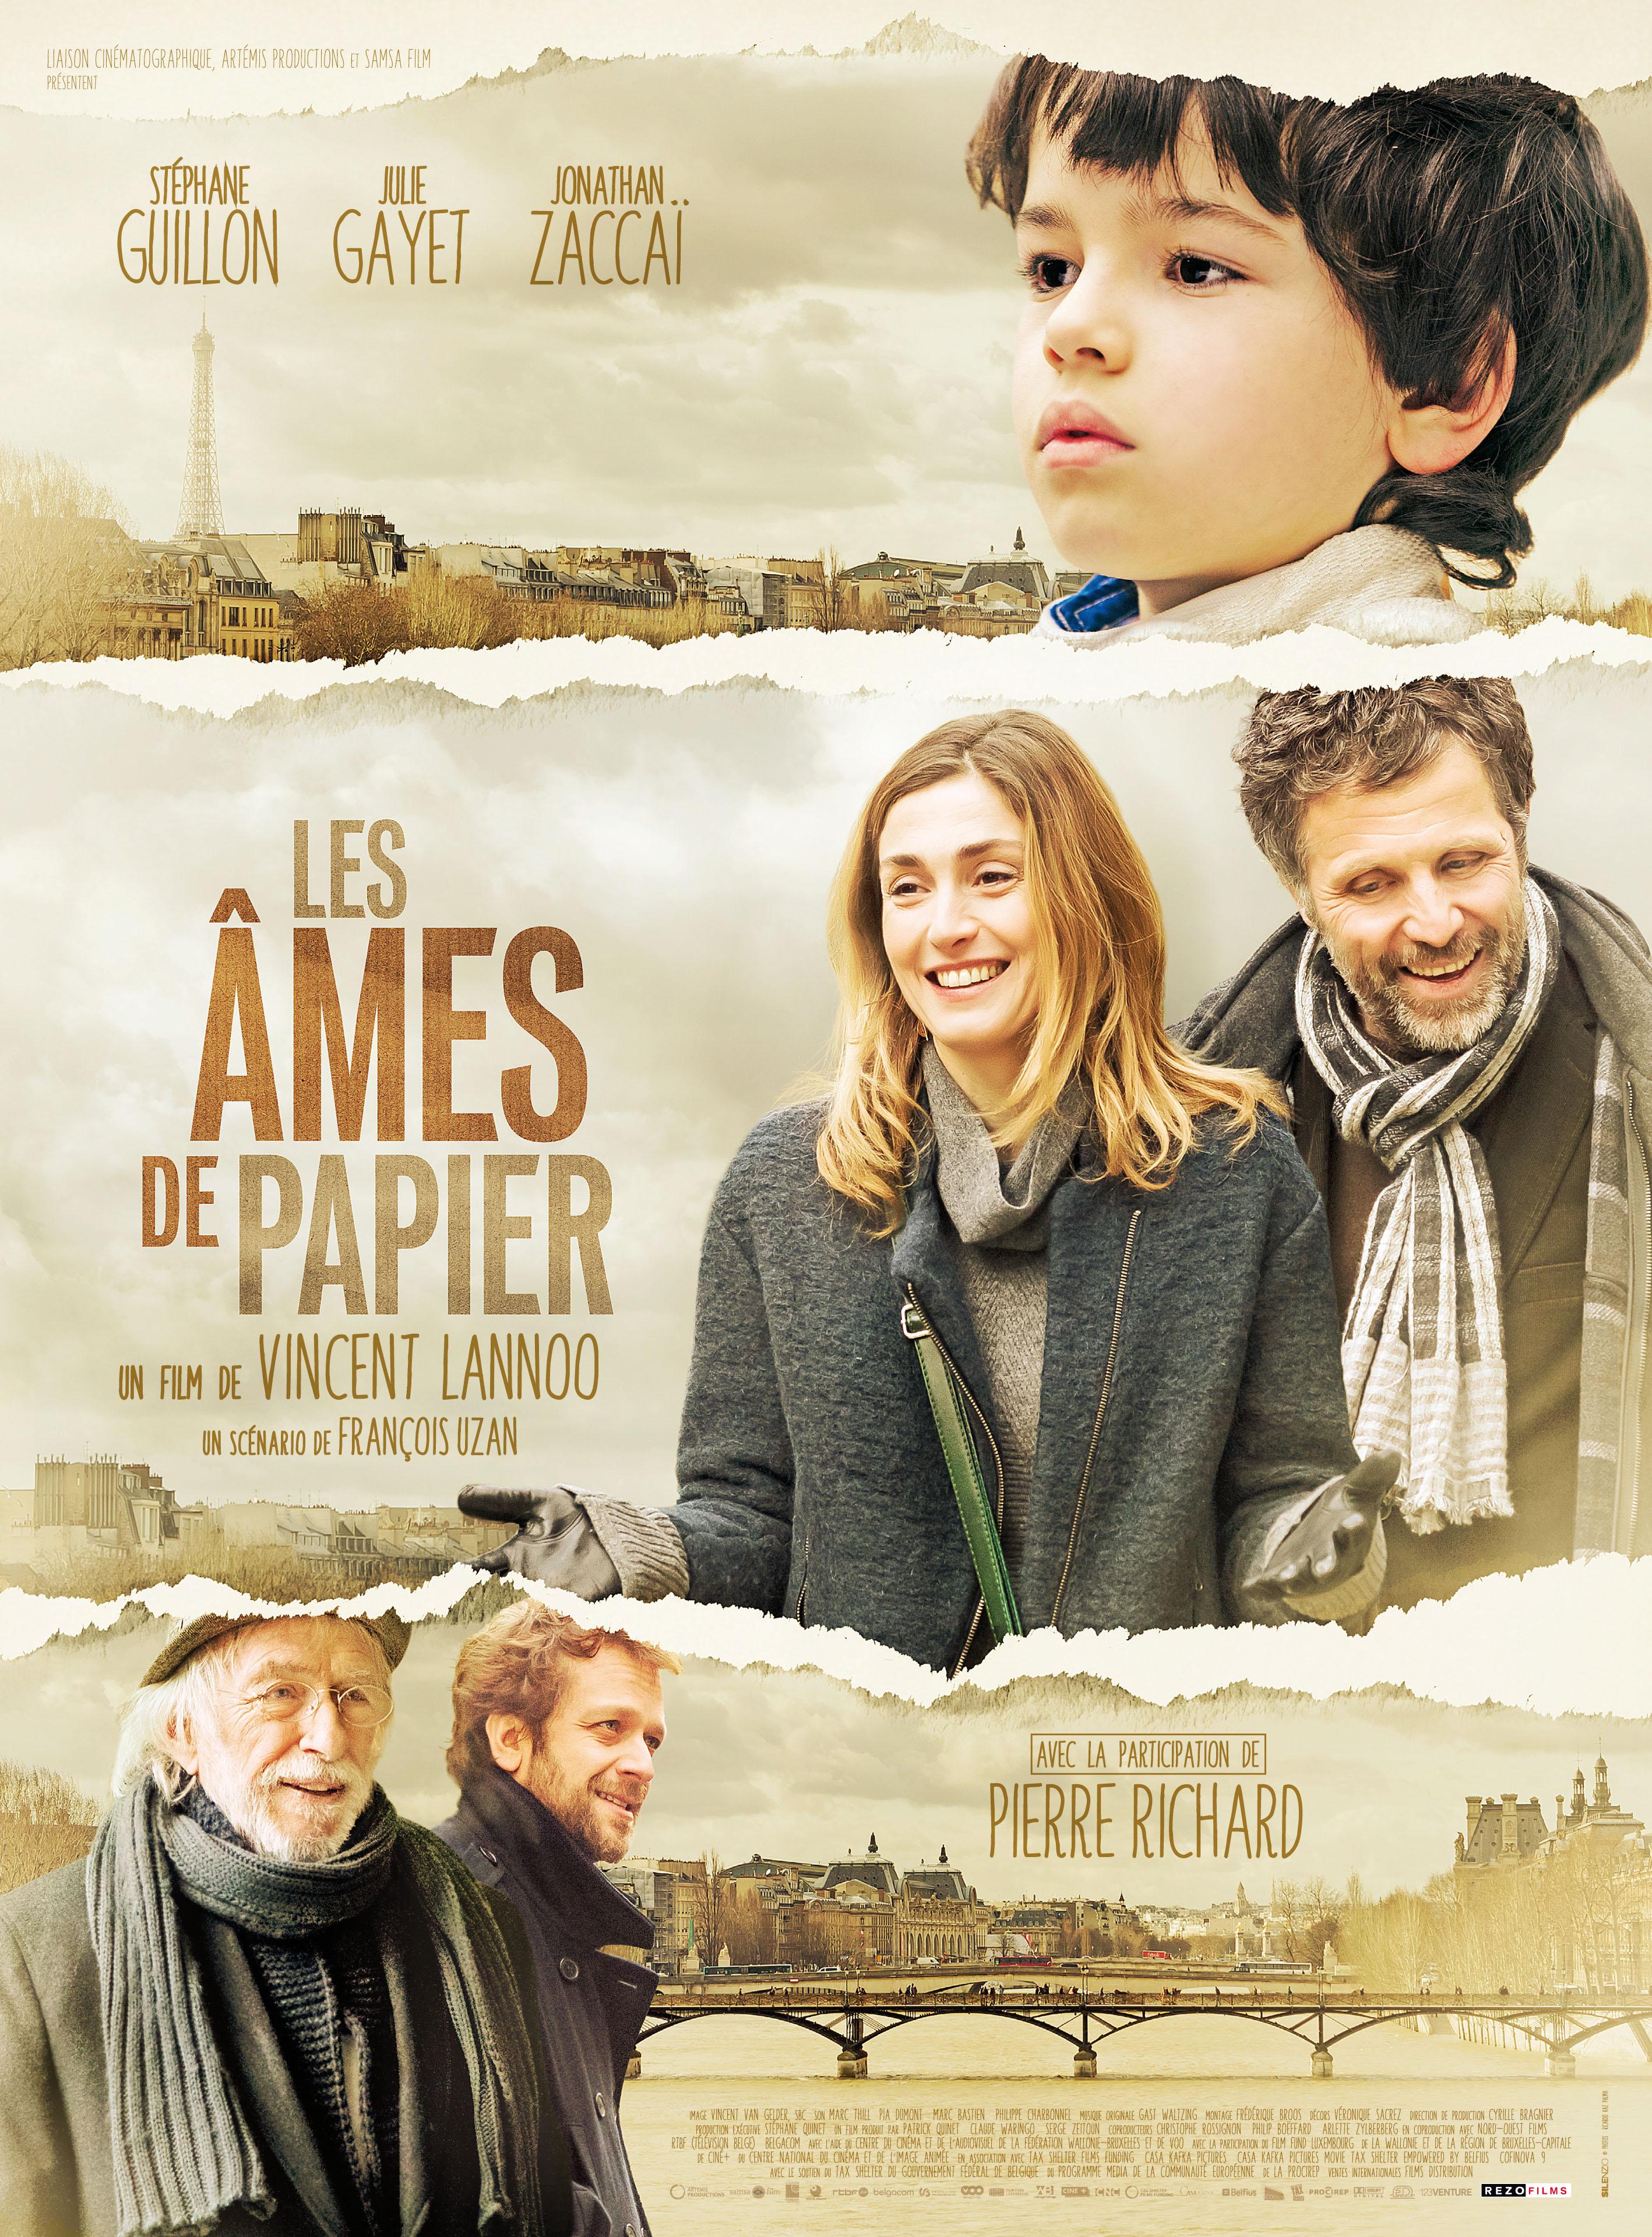 LES AMES DE PAPIER (2013)